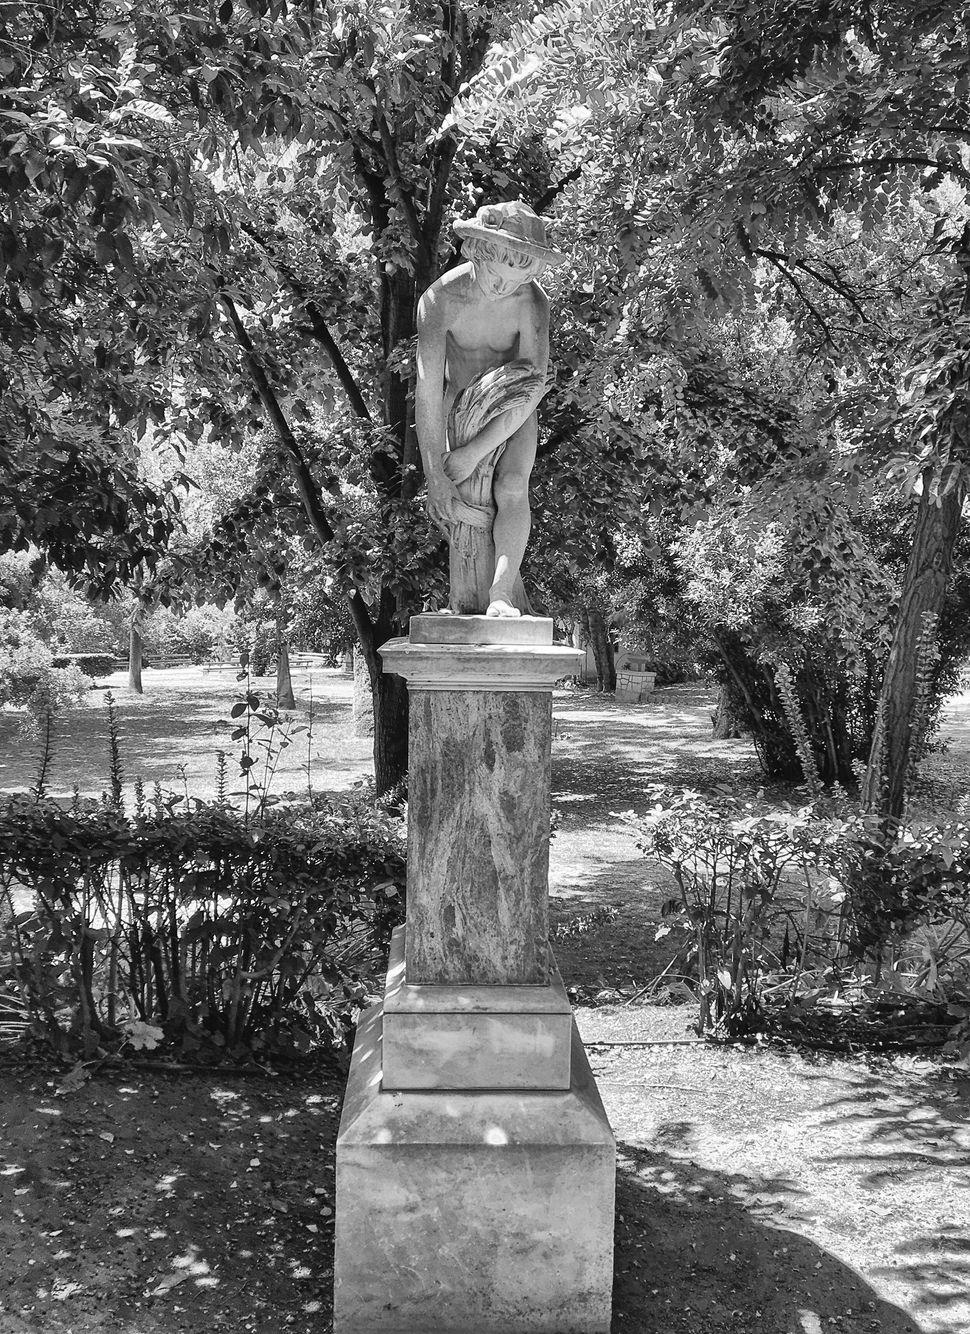 Δημήτριου Ζ. Φιλιππότη,Θεριστής, 1870, μάρμαρο, Ζάππειο.